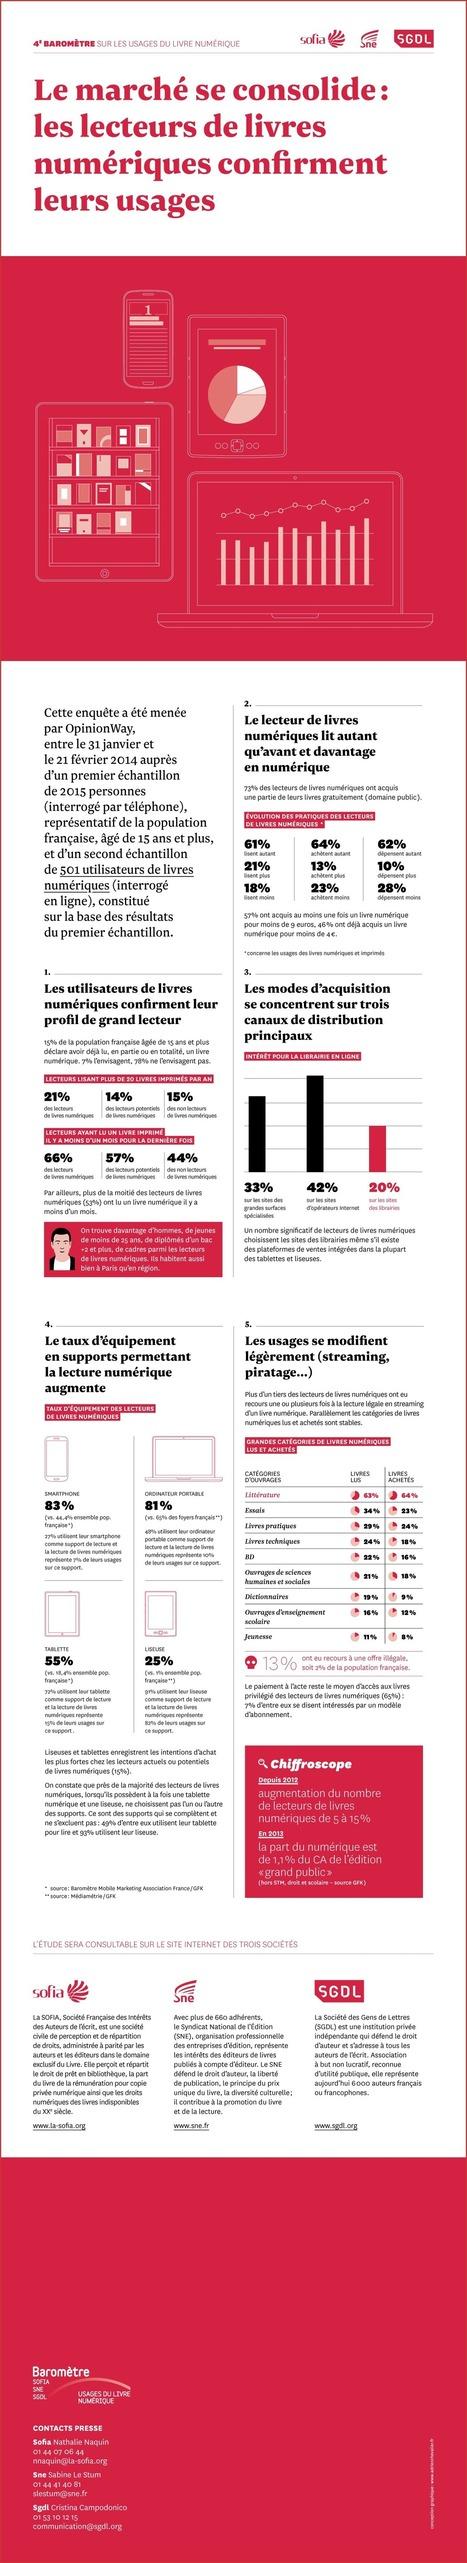 Les Français suivent de très près le livre numérique et les lecteurs | édition numérique | Scoop.it